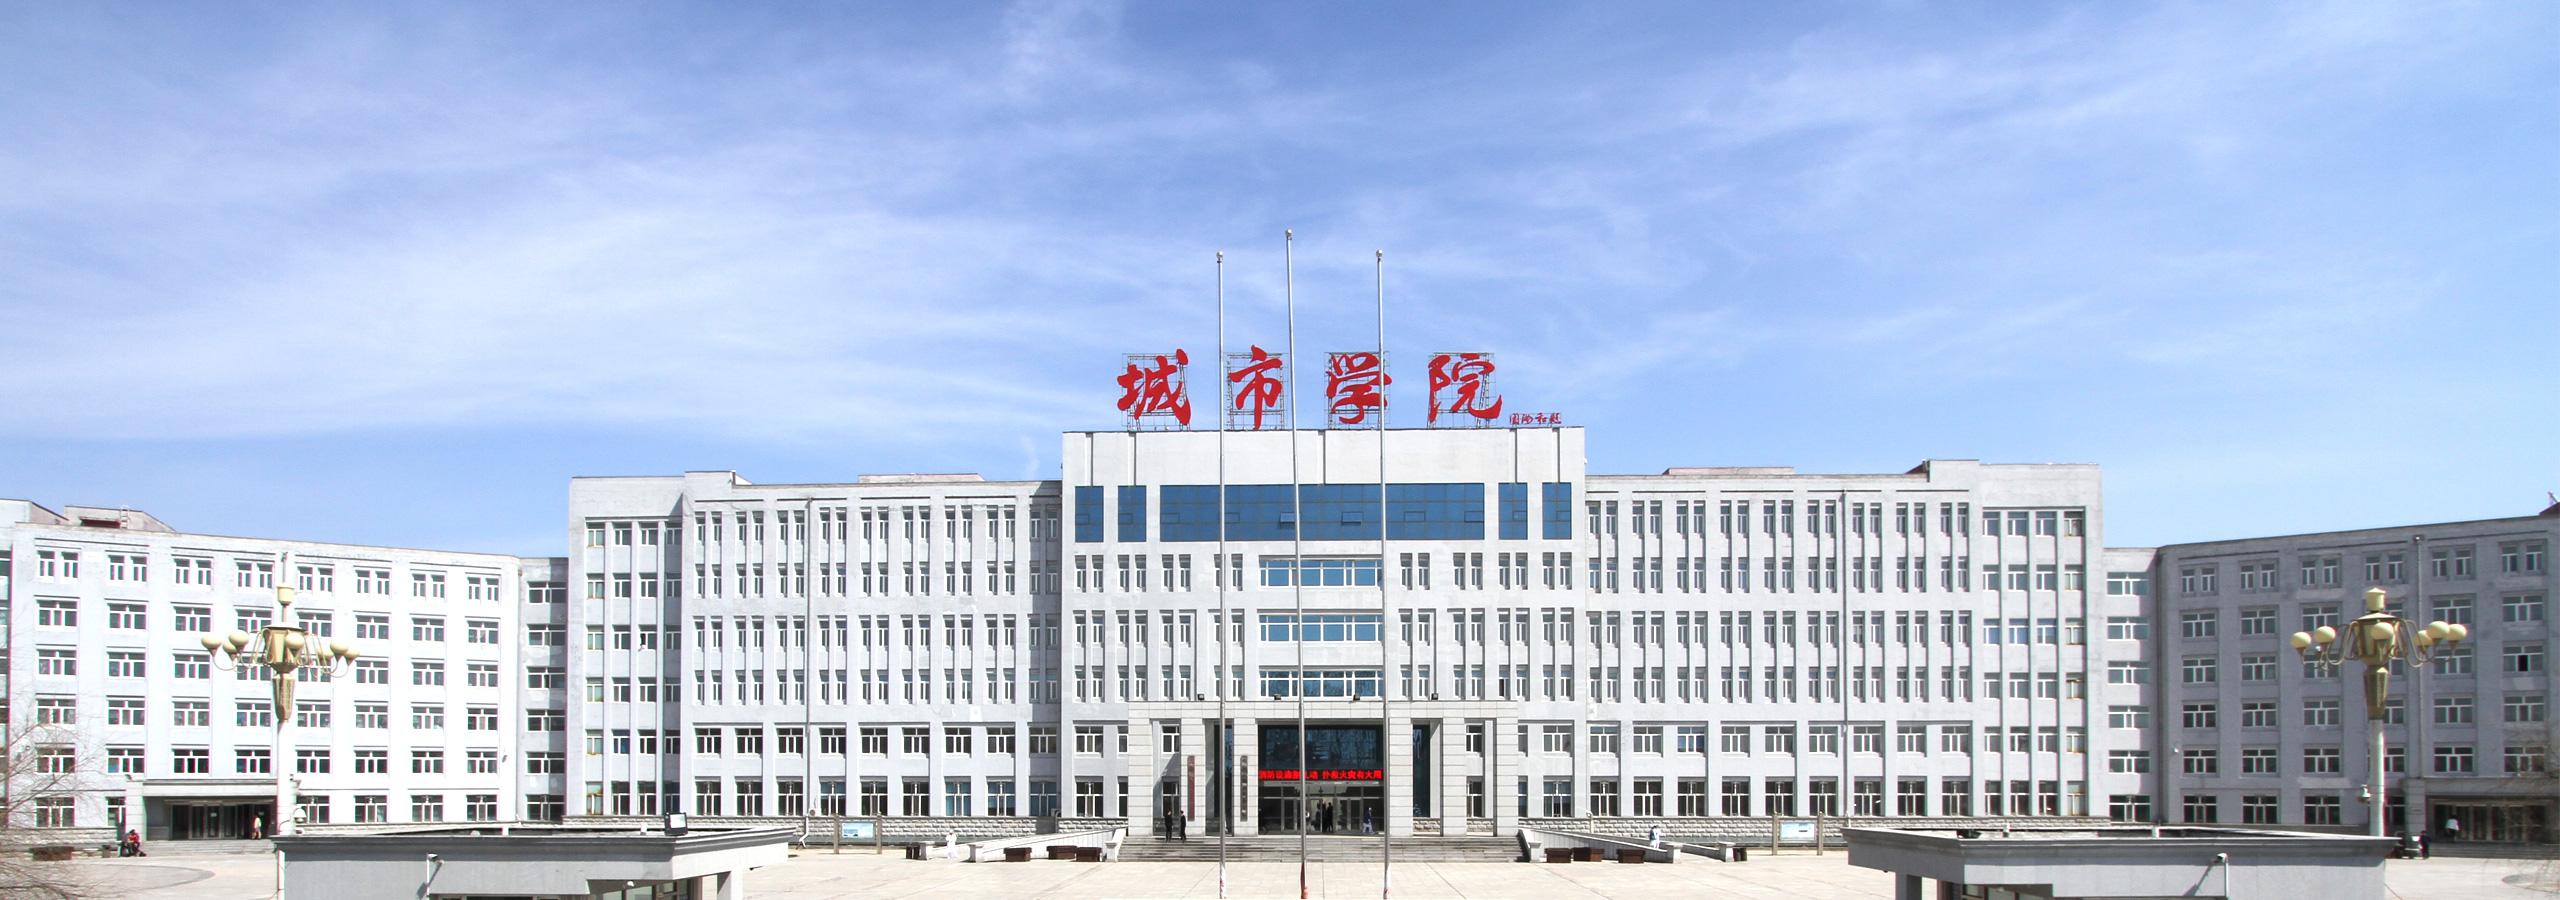 哈尔滨城市�K职业学院主楼